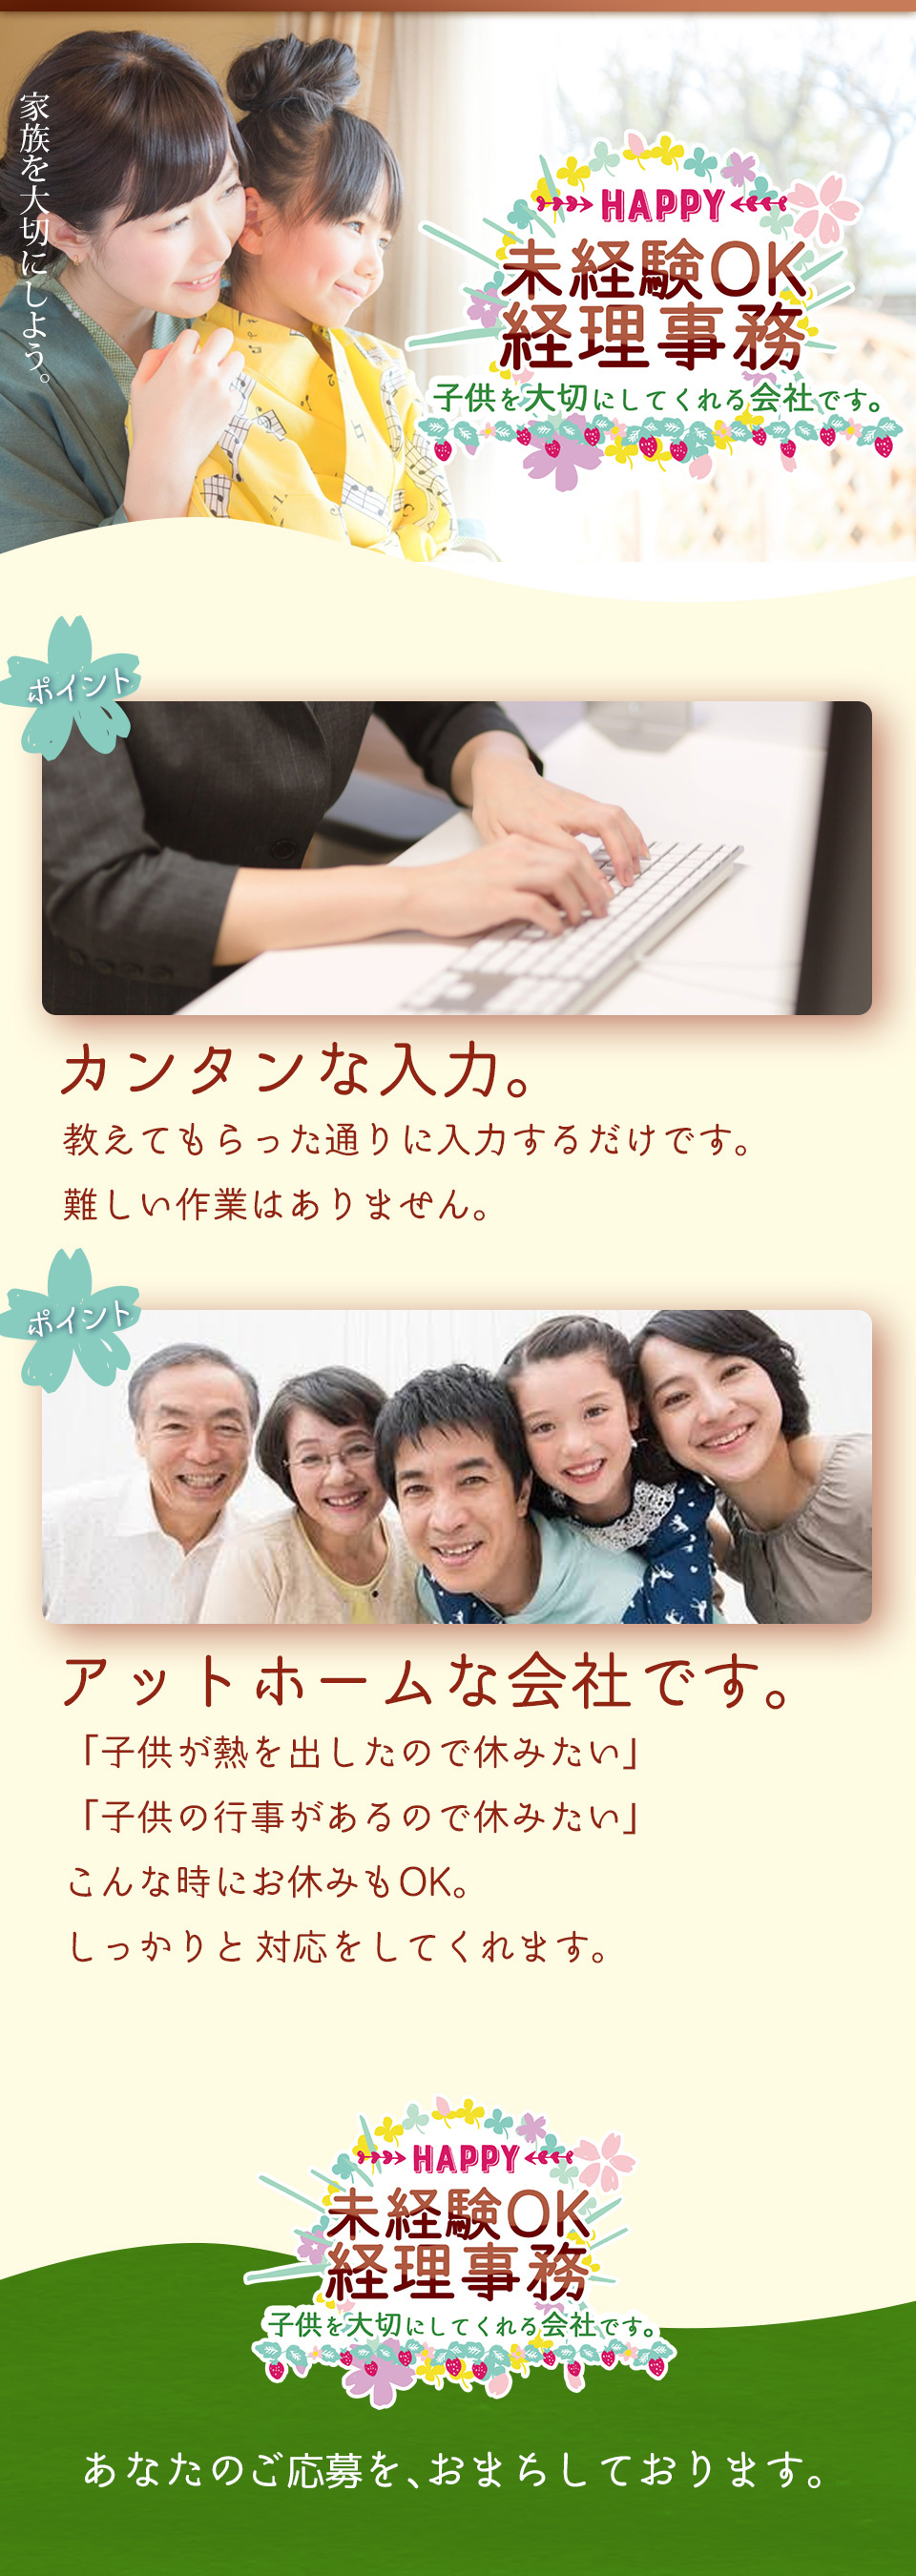 経理事務・一般事務 愛知県豊橋市の派遣社員求人